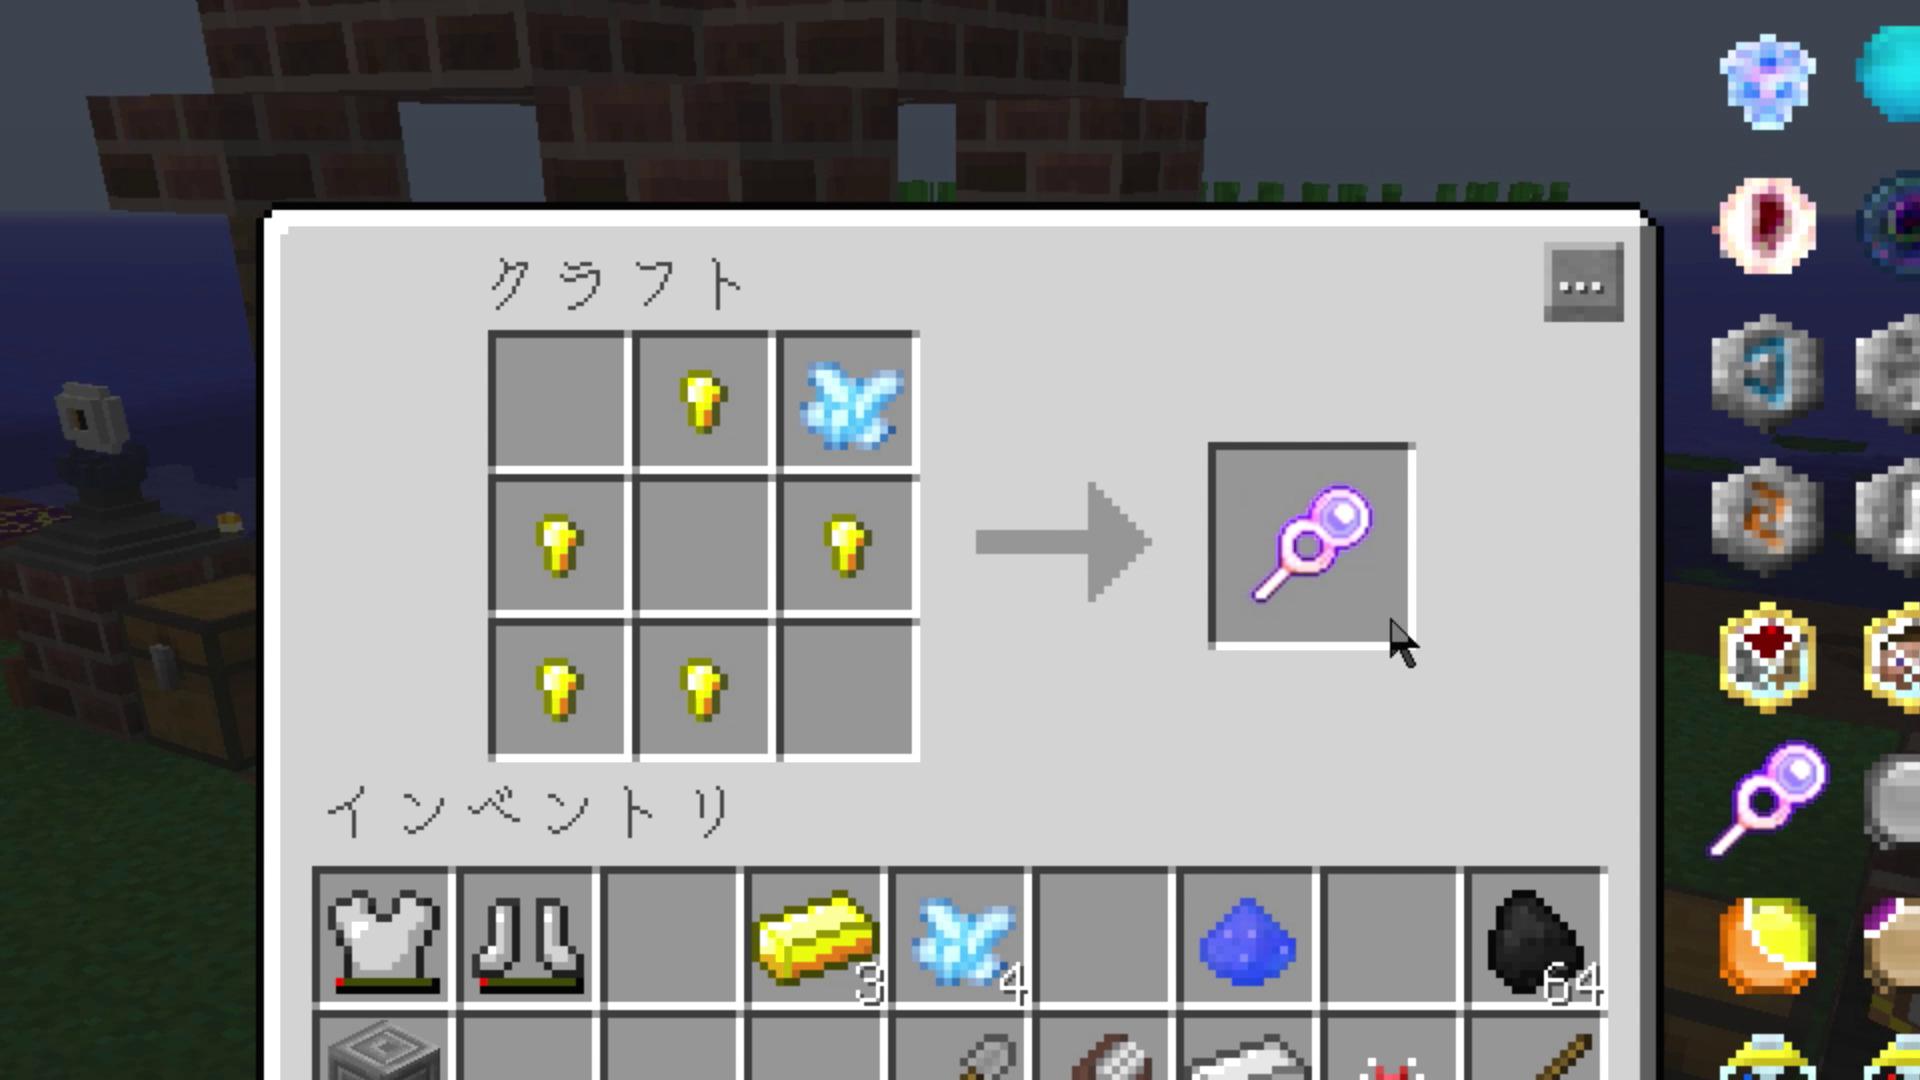 魔法技師の杖